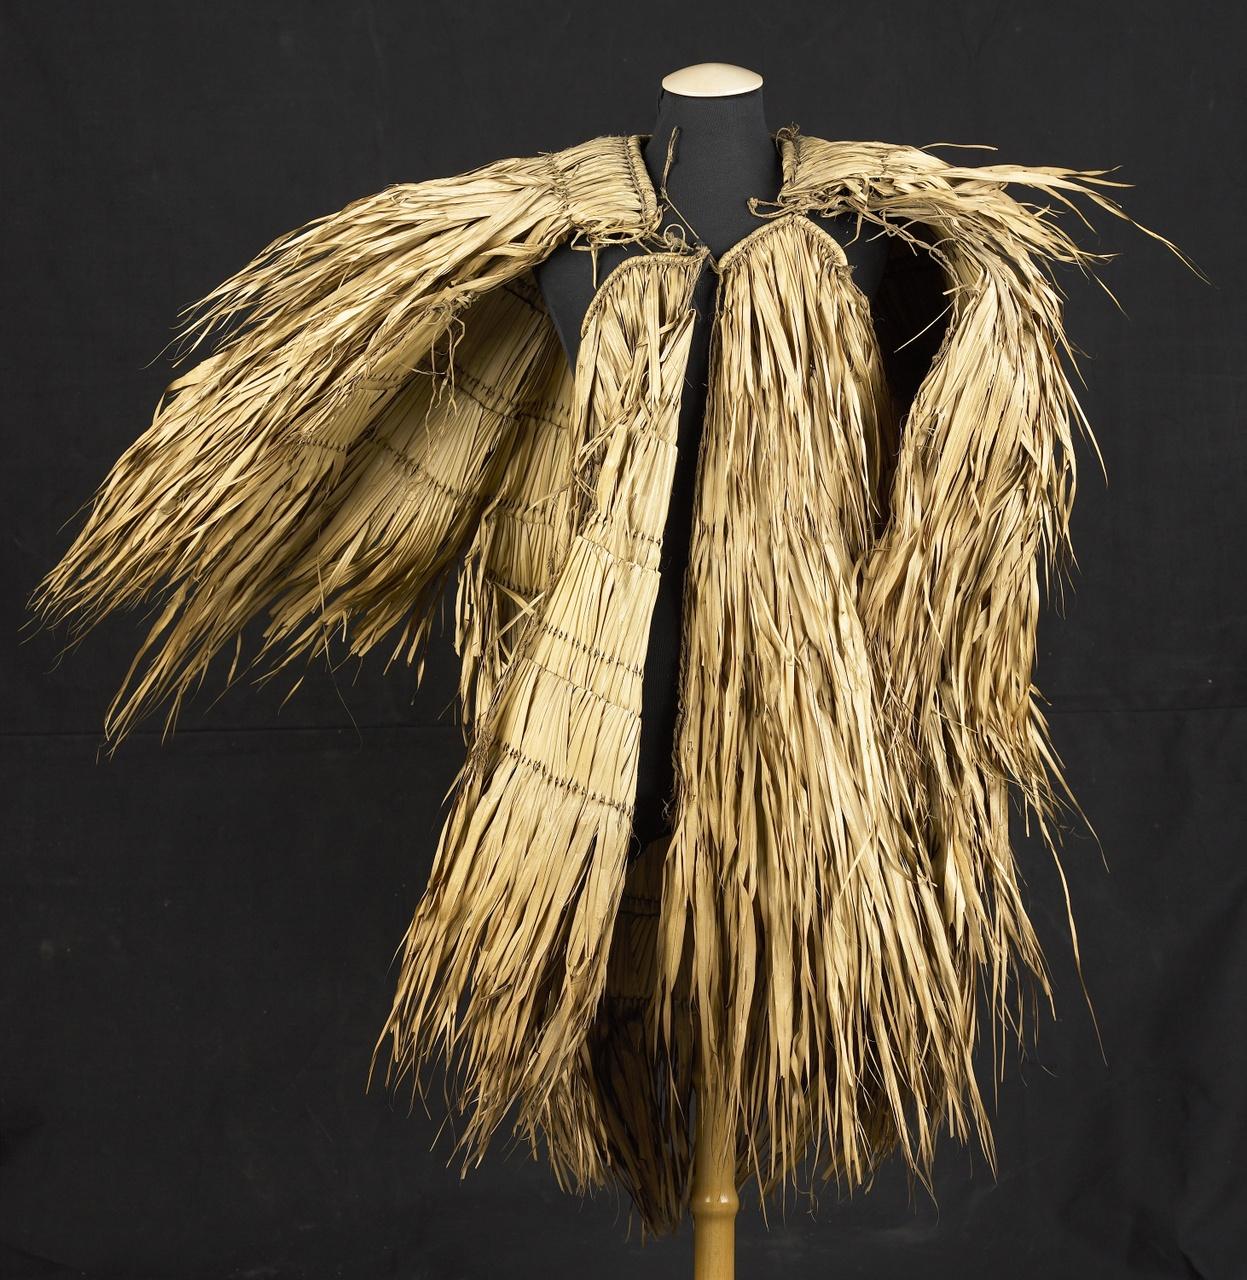 Mantel van boombladeren afkomstig van Dajak op Borneo